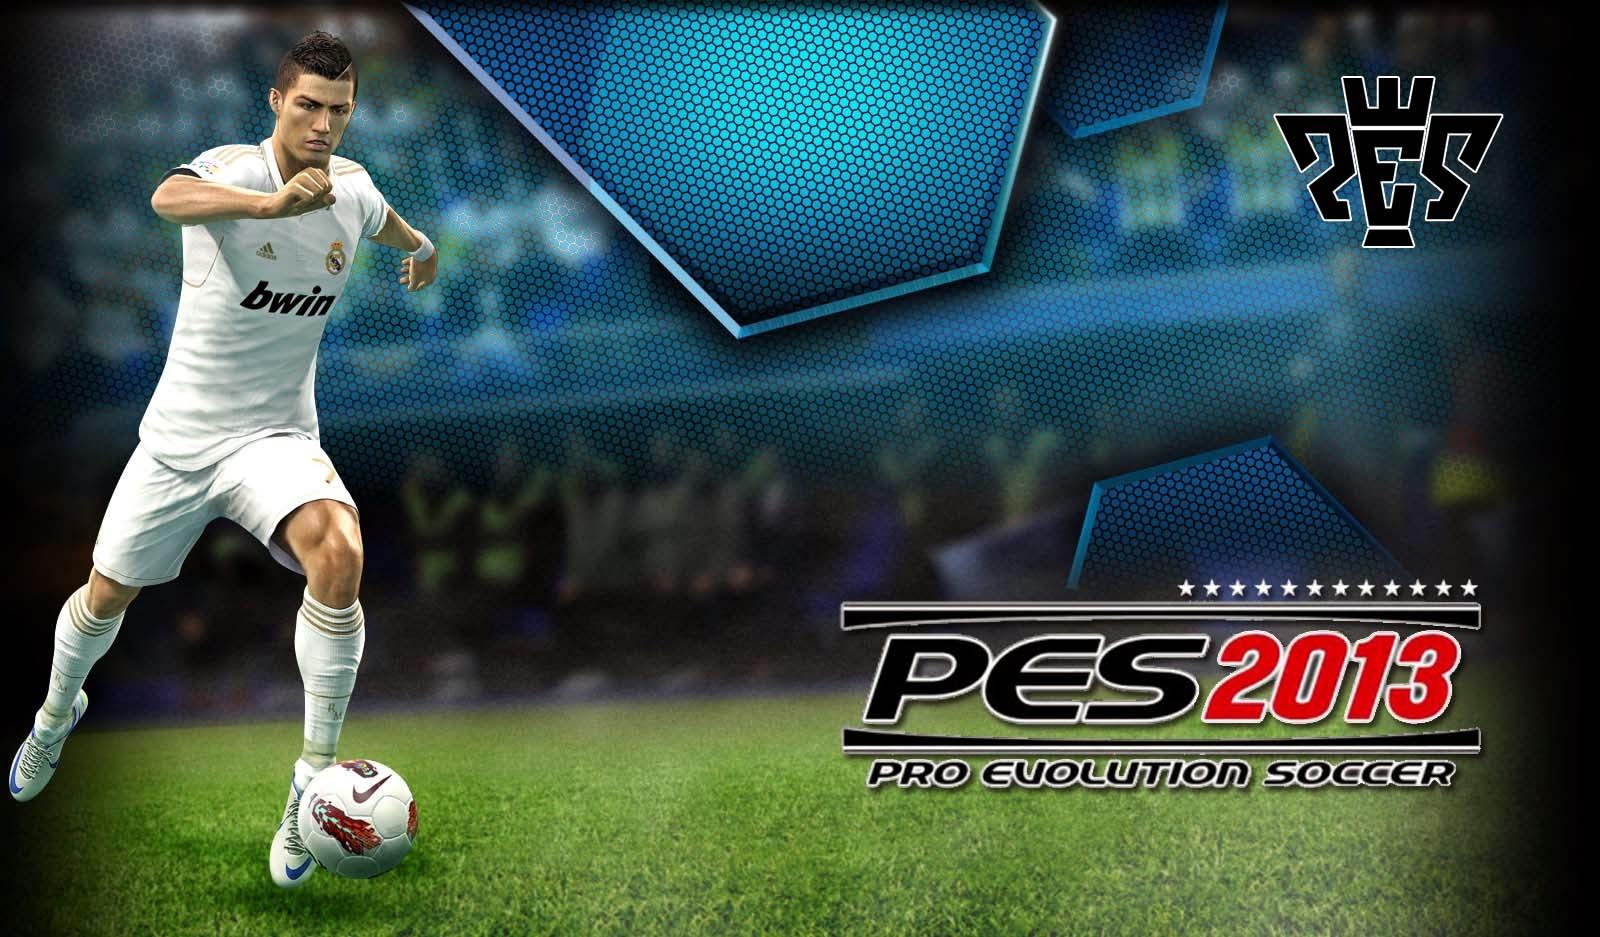 pes 13 transfer yaması pes 2013 son transfer yaması indir gezginler full